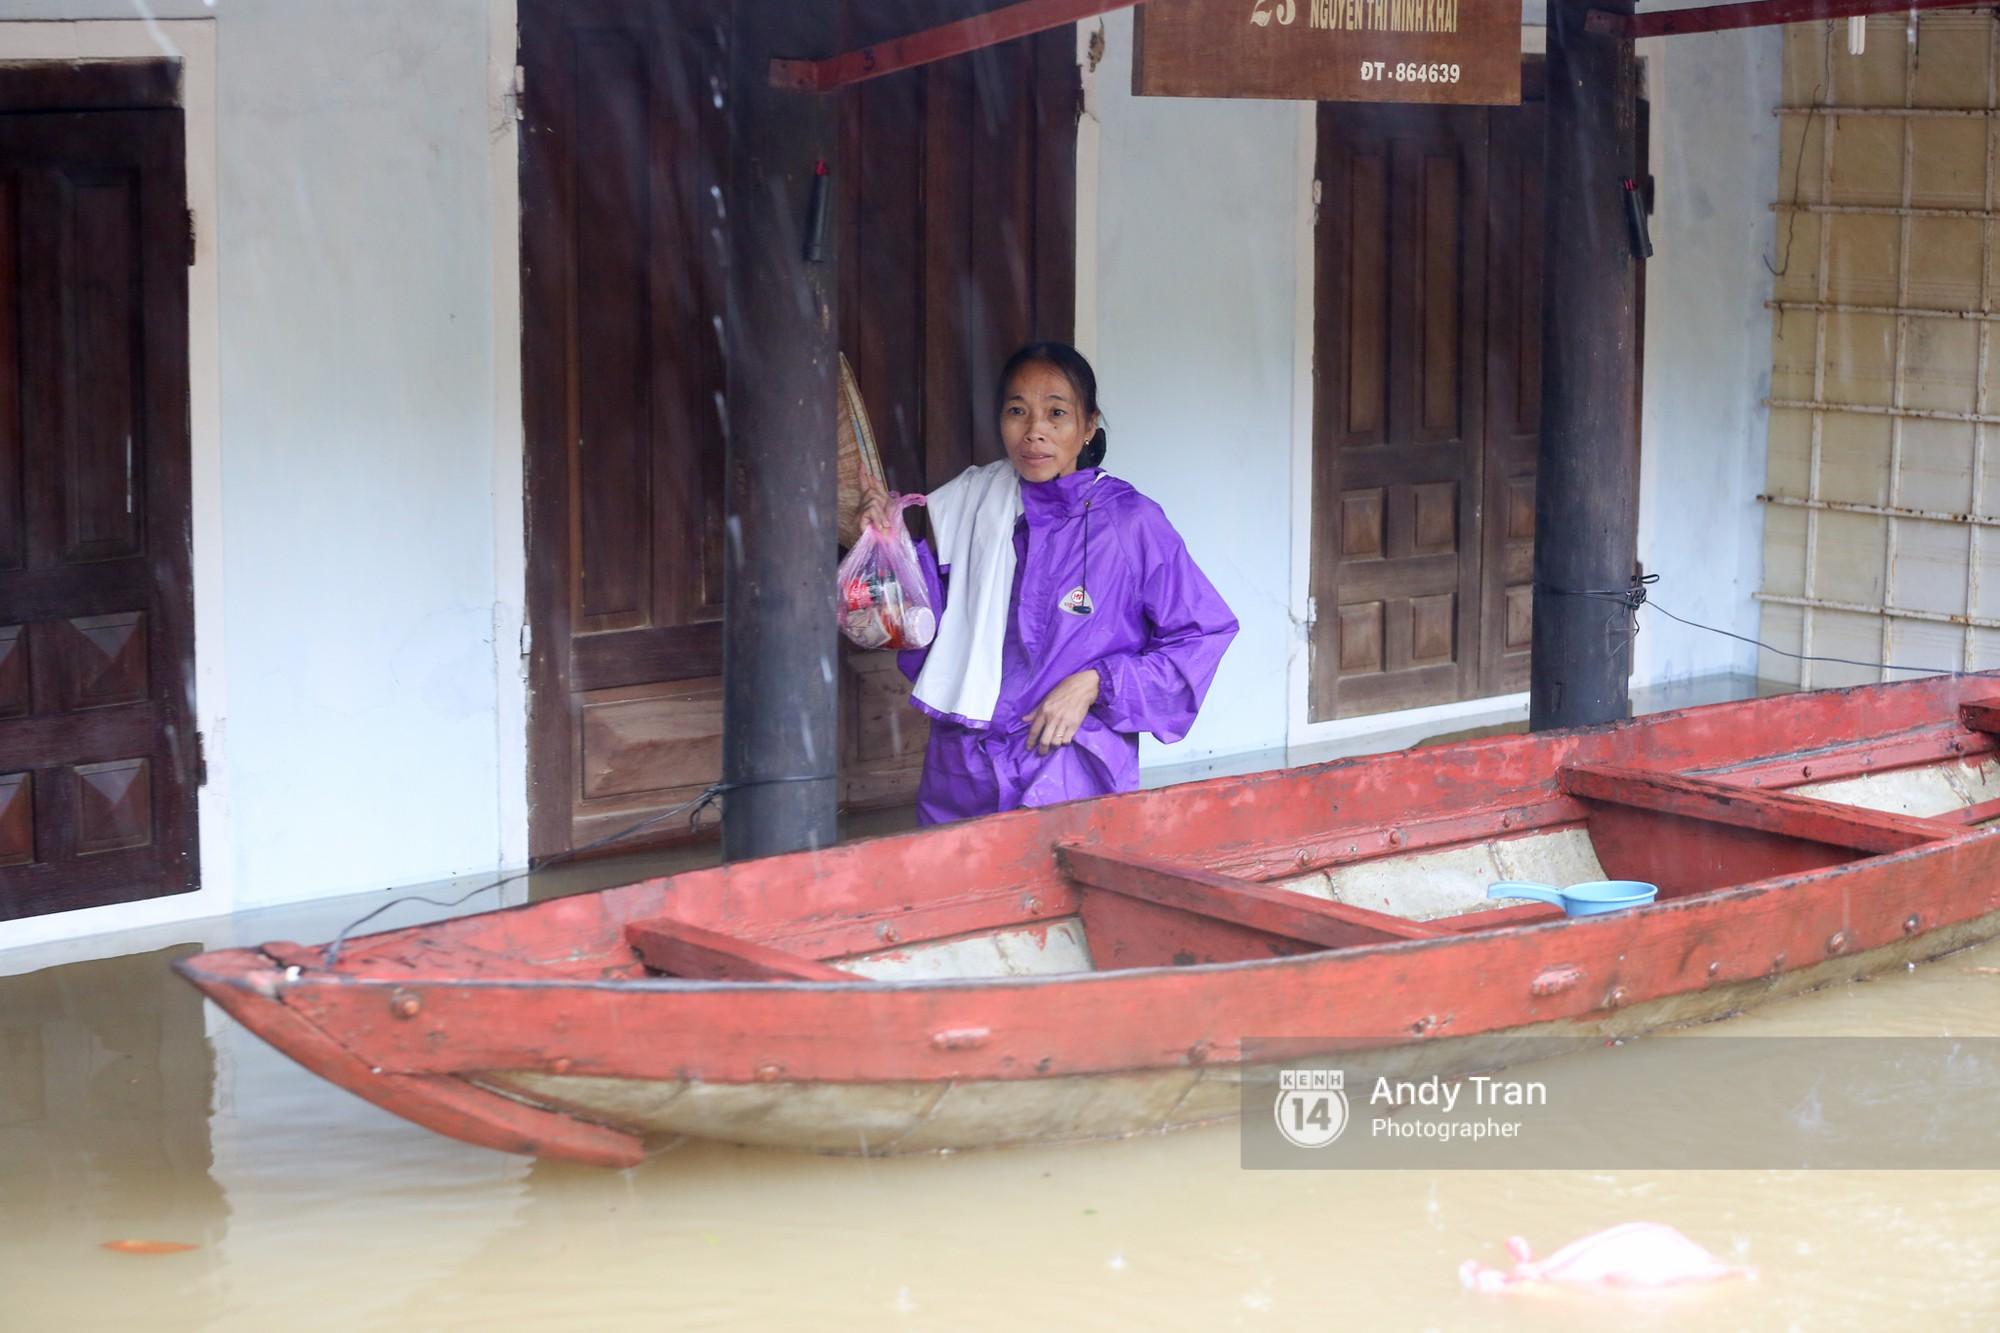 Chùm ảnh: Hội An nước ngập thành sông do ảnh hưởng của bão, người dân và du khách chật vật dùng thuyền bè di chuyển - Ảnh 17.